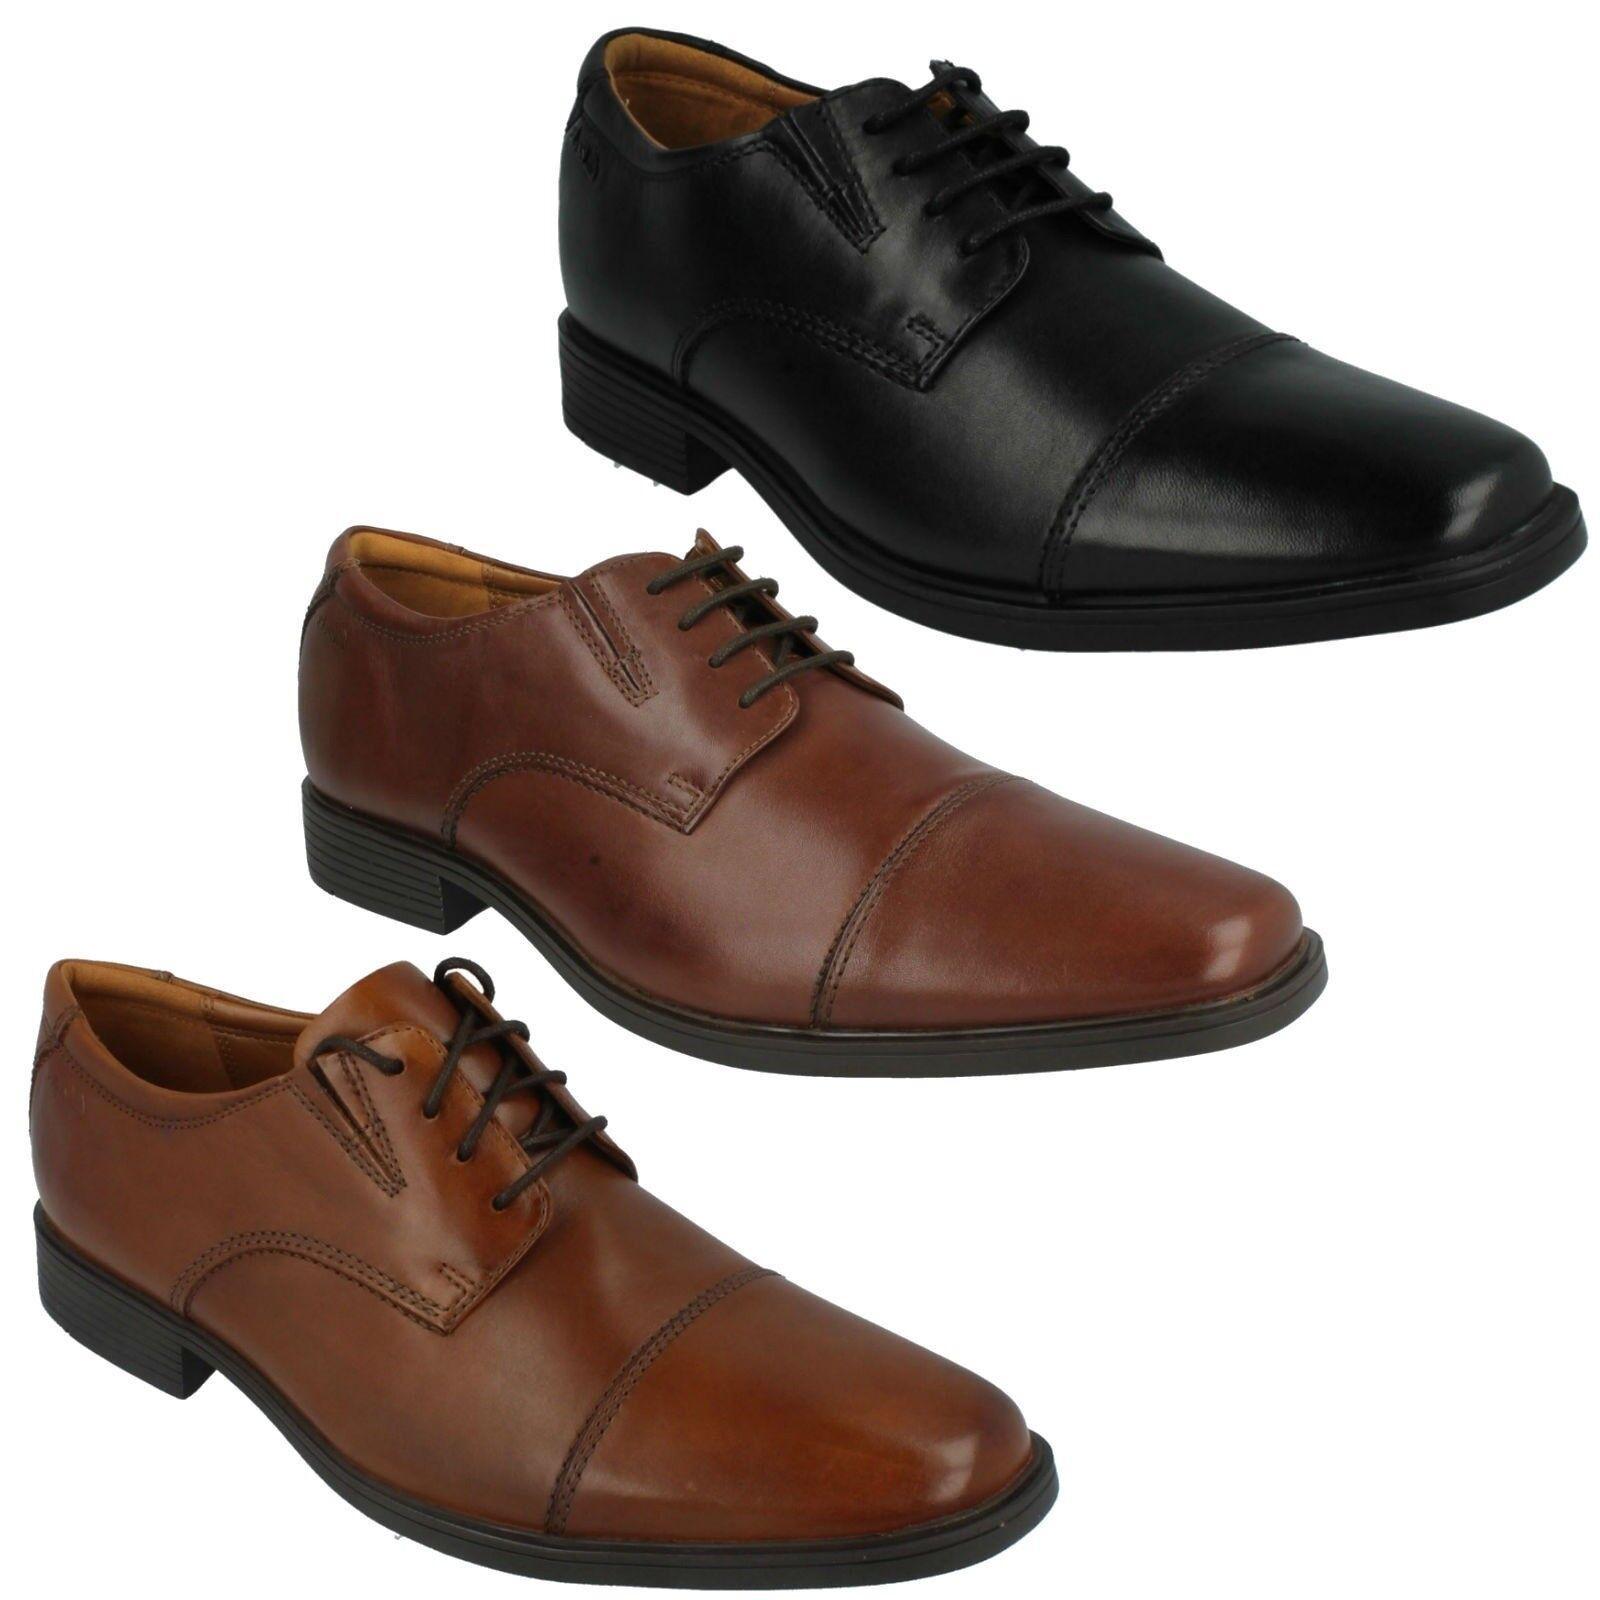 Descuento de la marca Gorra para hombre CLARKS TILDEN Puntera De Cuero Con Cordones Inteligente Zapatos Formales De Trabajo Fiesta